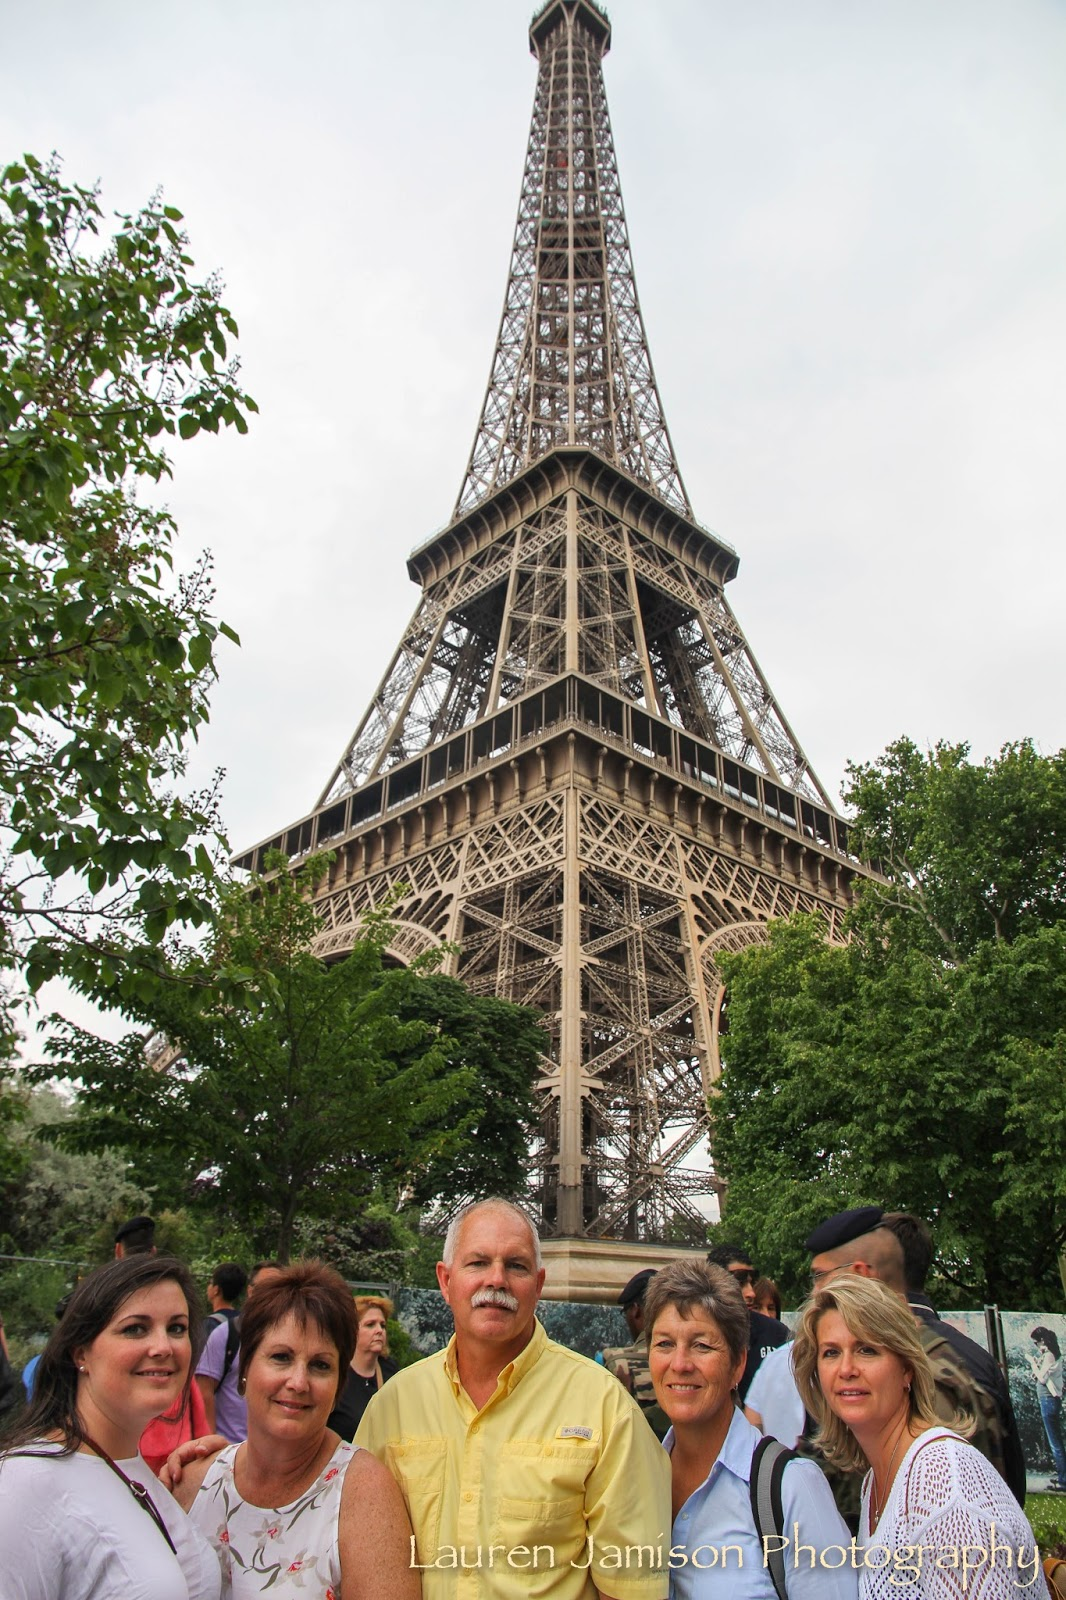 Blunk Family Euro Trip Paris France An Eiffel Tower